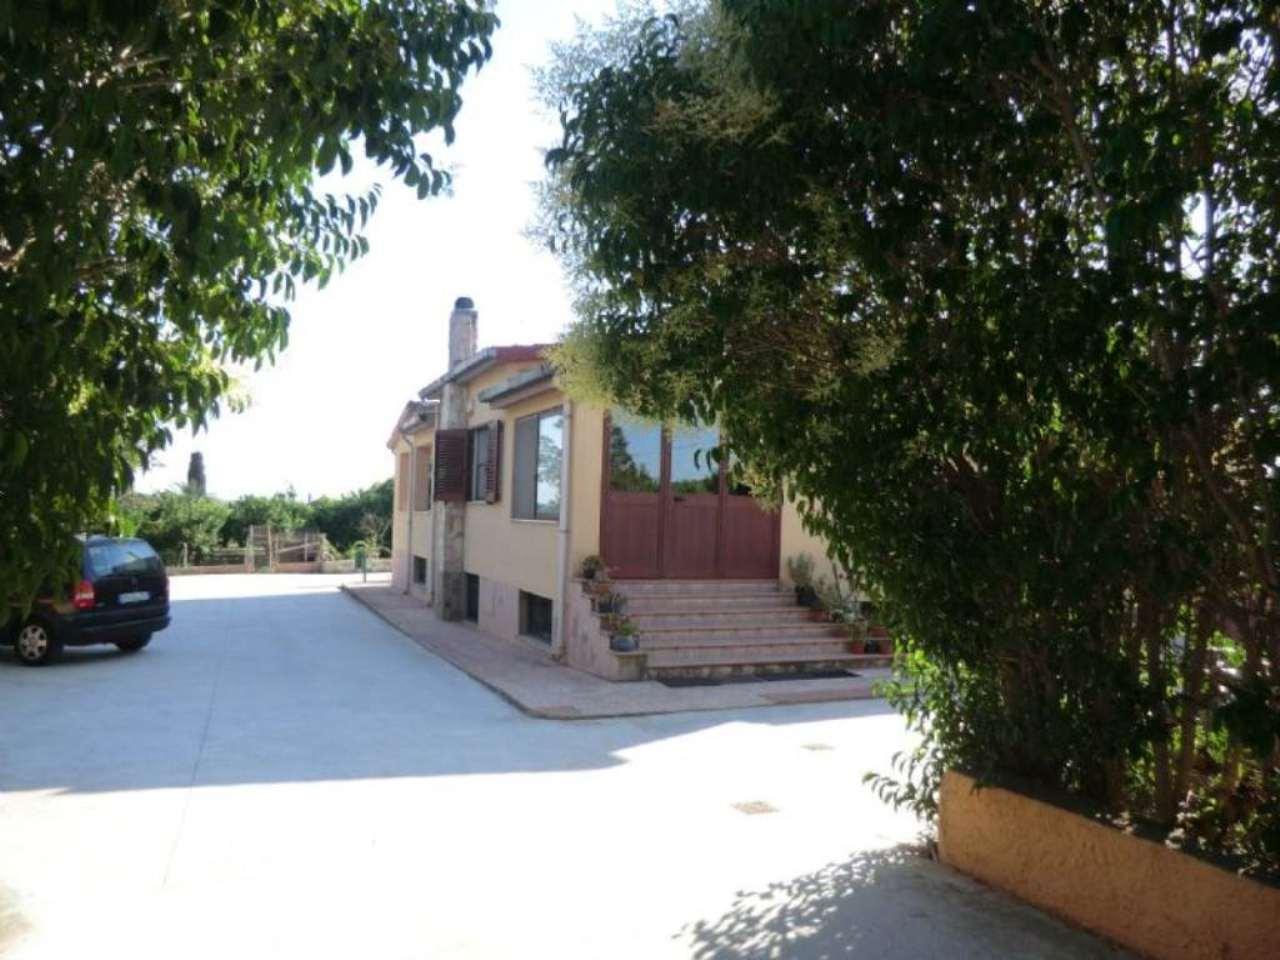 Soluzione Indipendente in vendita a Sassari, 9999 locali, prezzo € 600.000 | Cambio Casa.it